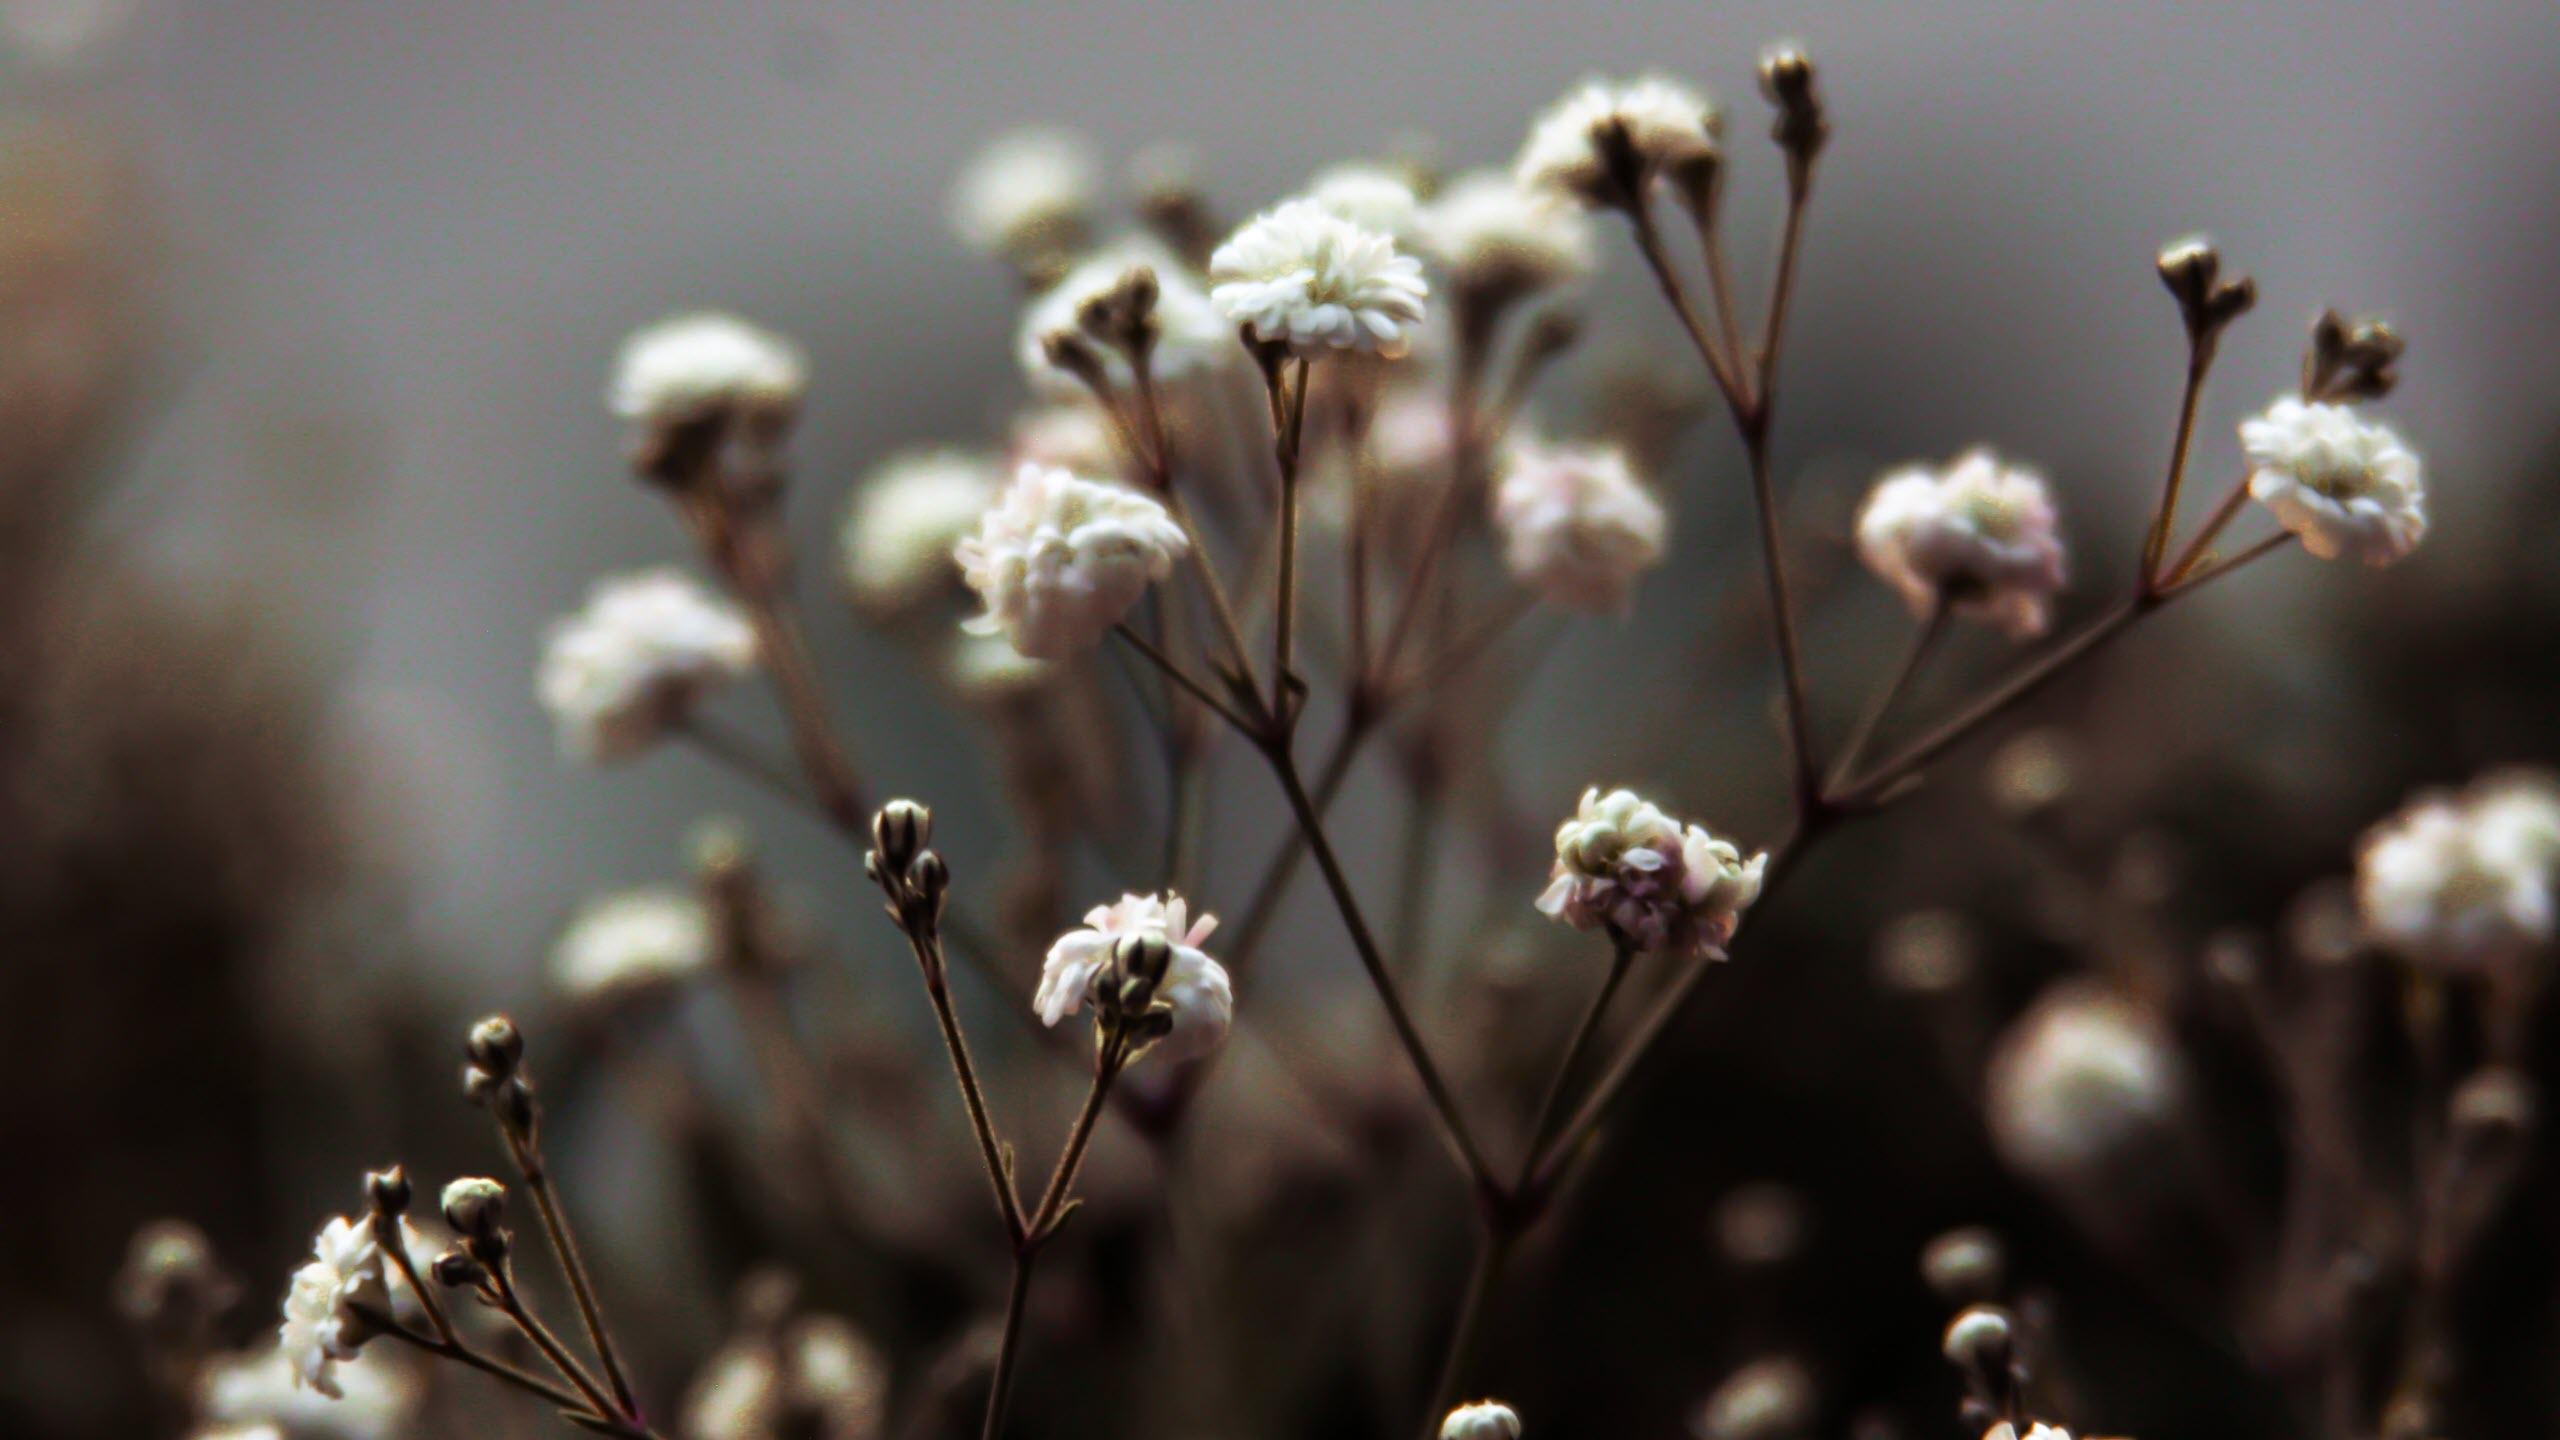 Hình nền hoa mua xuân cực đẹp